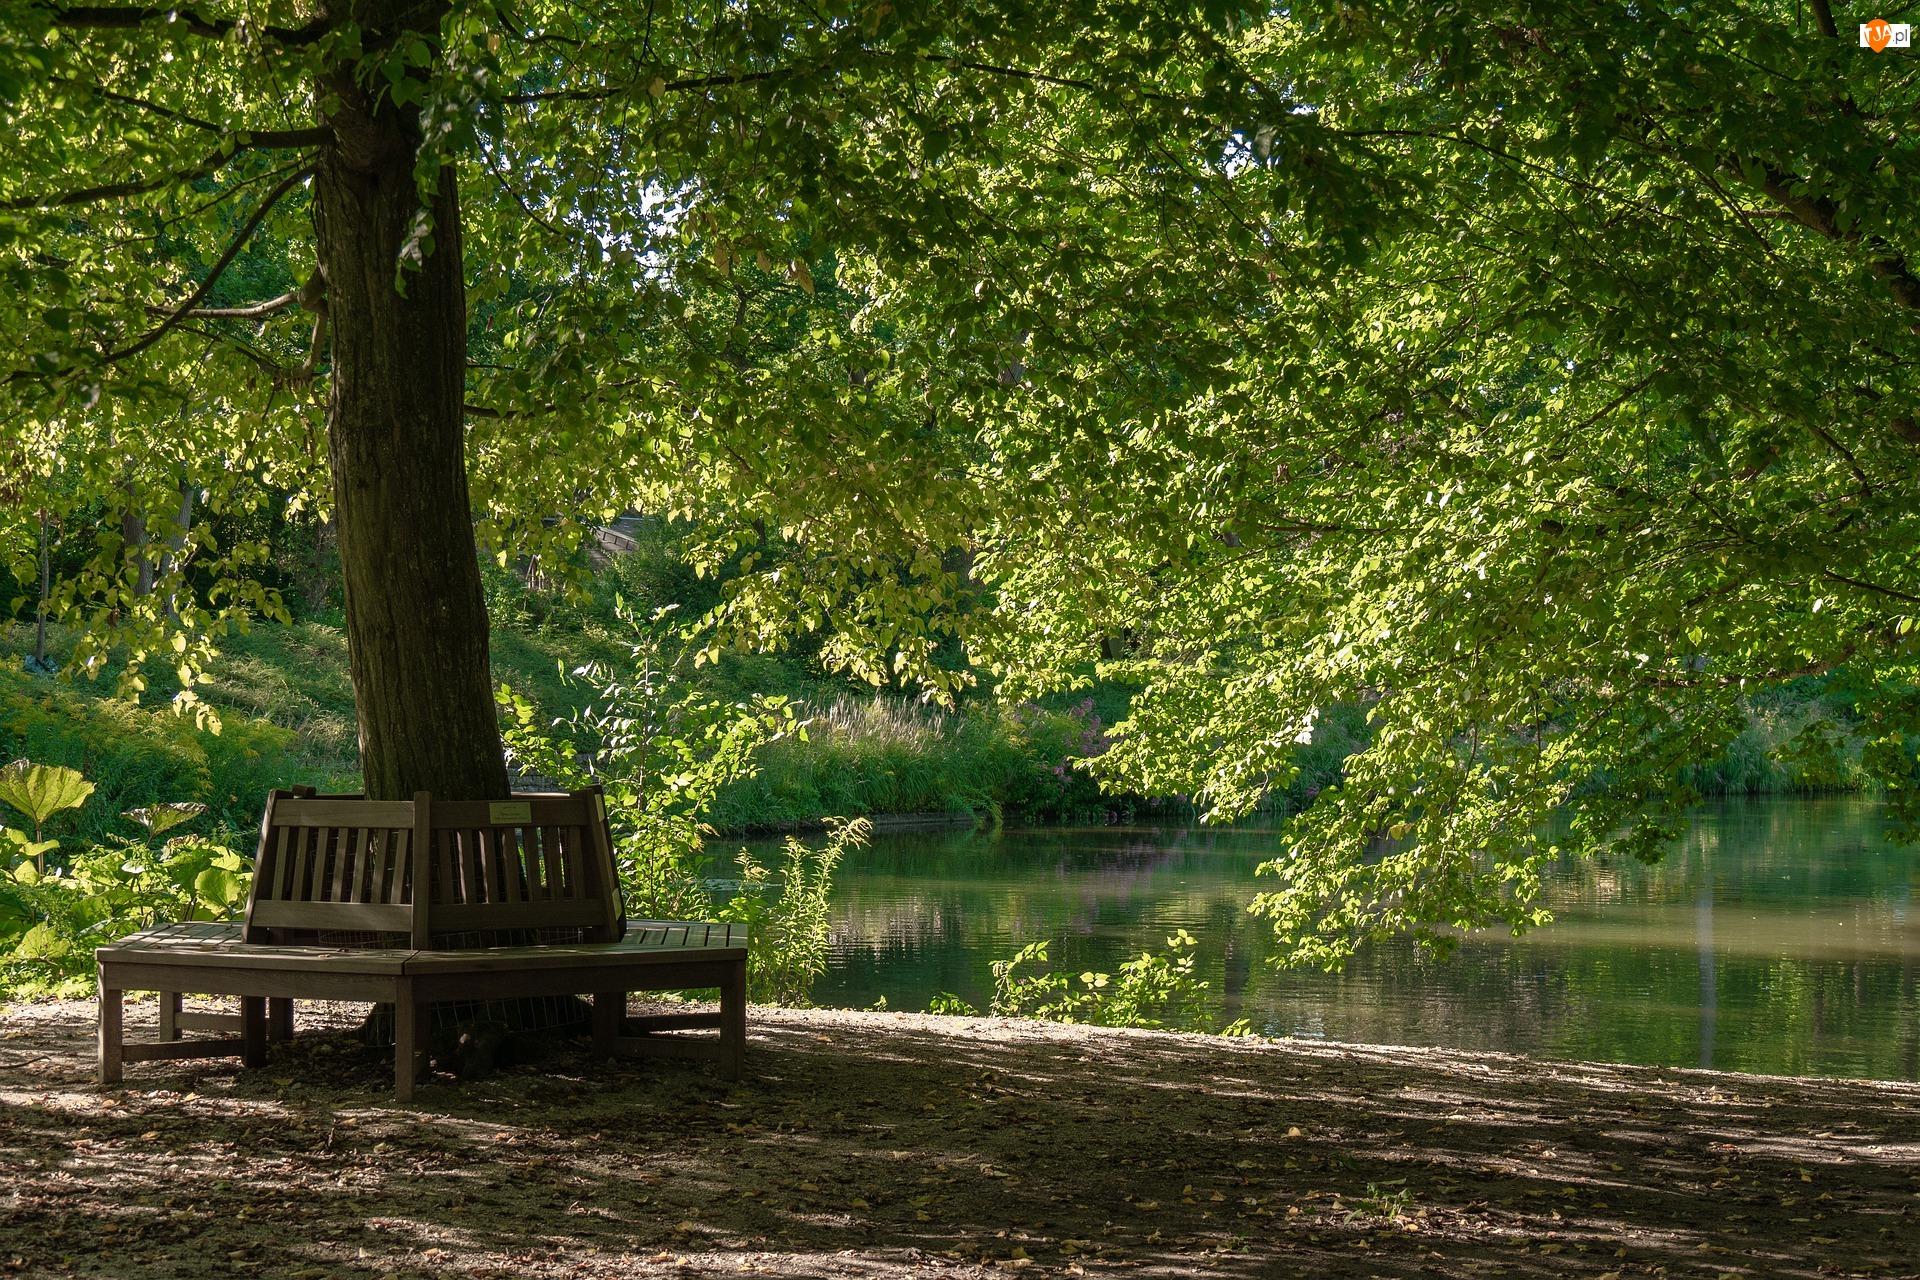 Staw, Ławki, Drzewa, Park